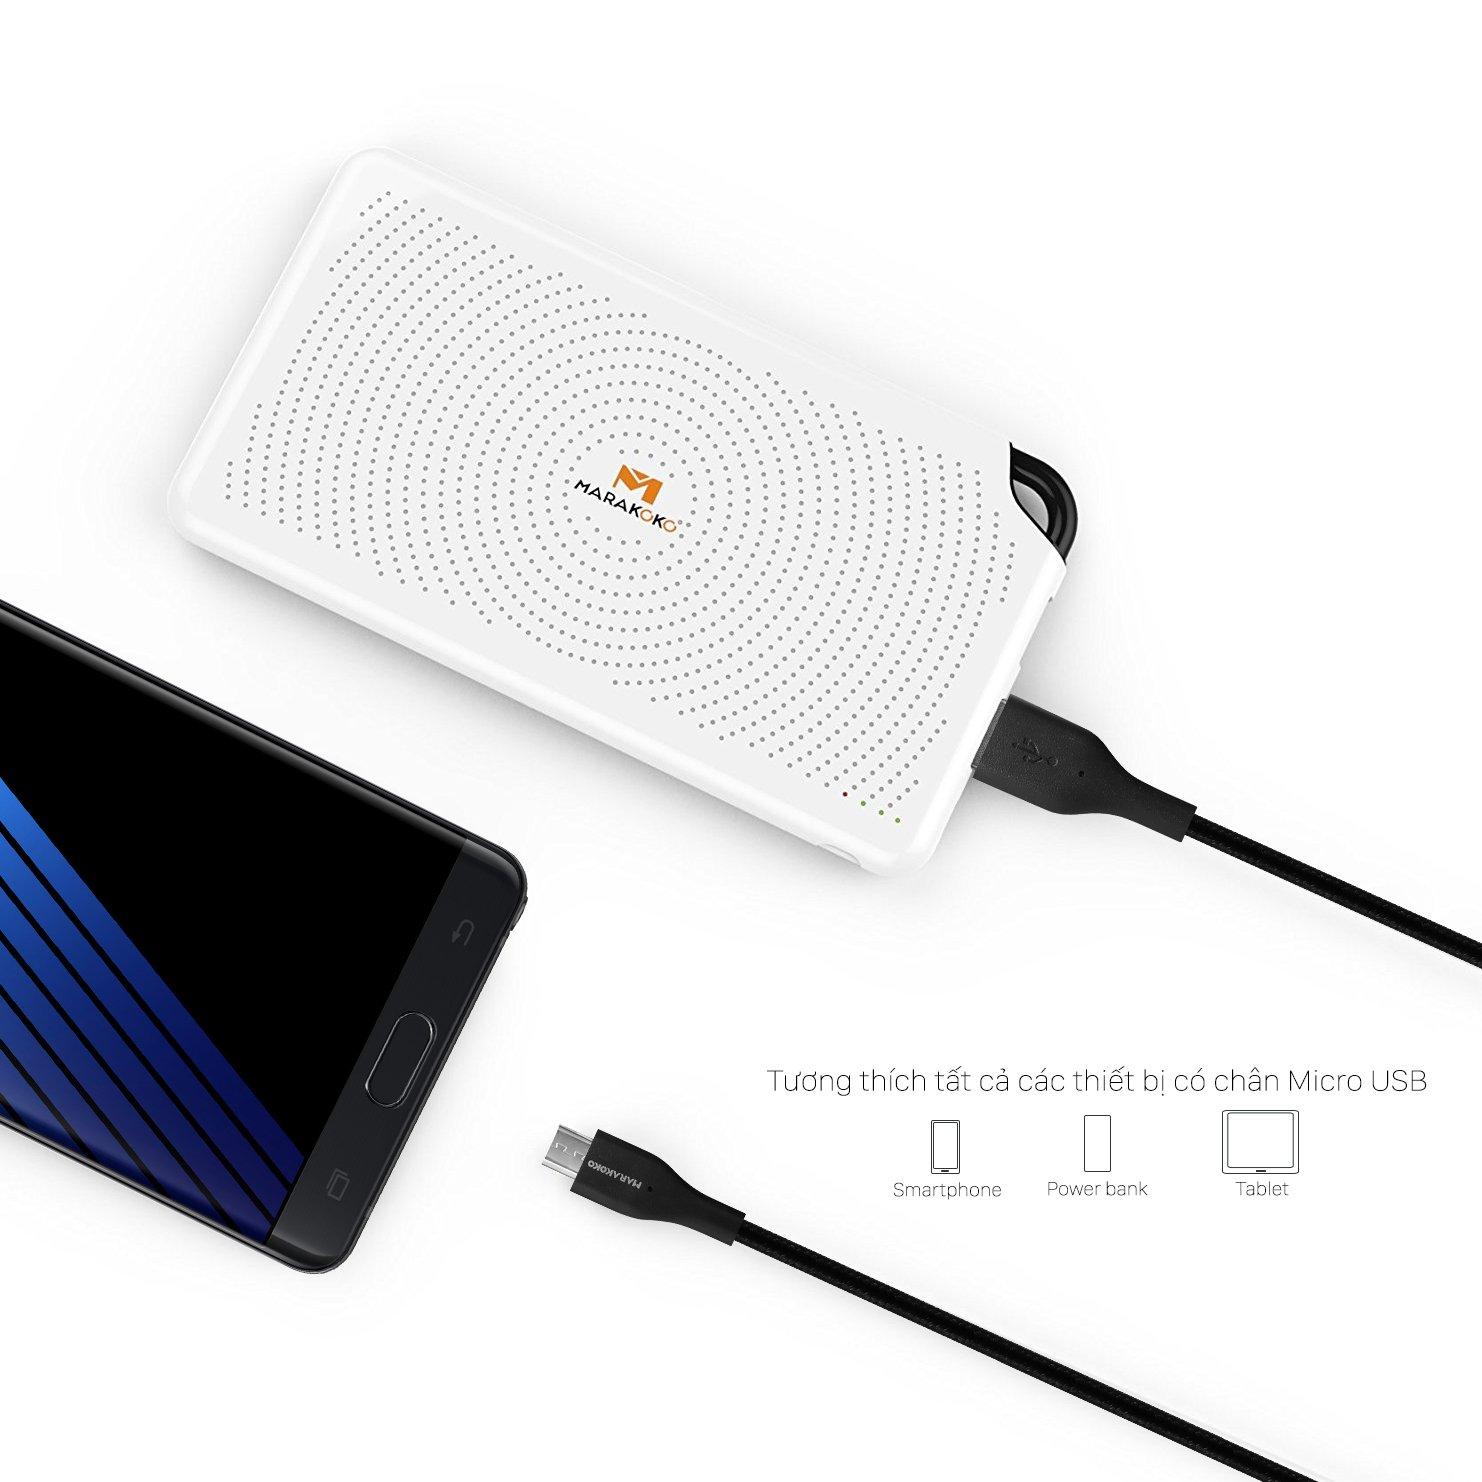 Cáp sạc điện thoại Marakoko MCB11 Micro USB, bọc dù, dài 1.5m